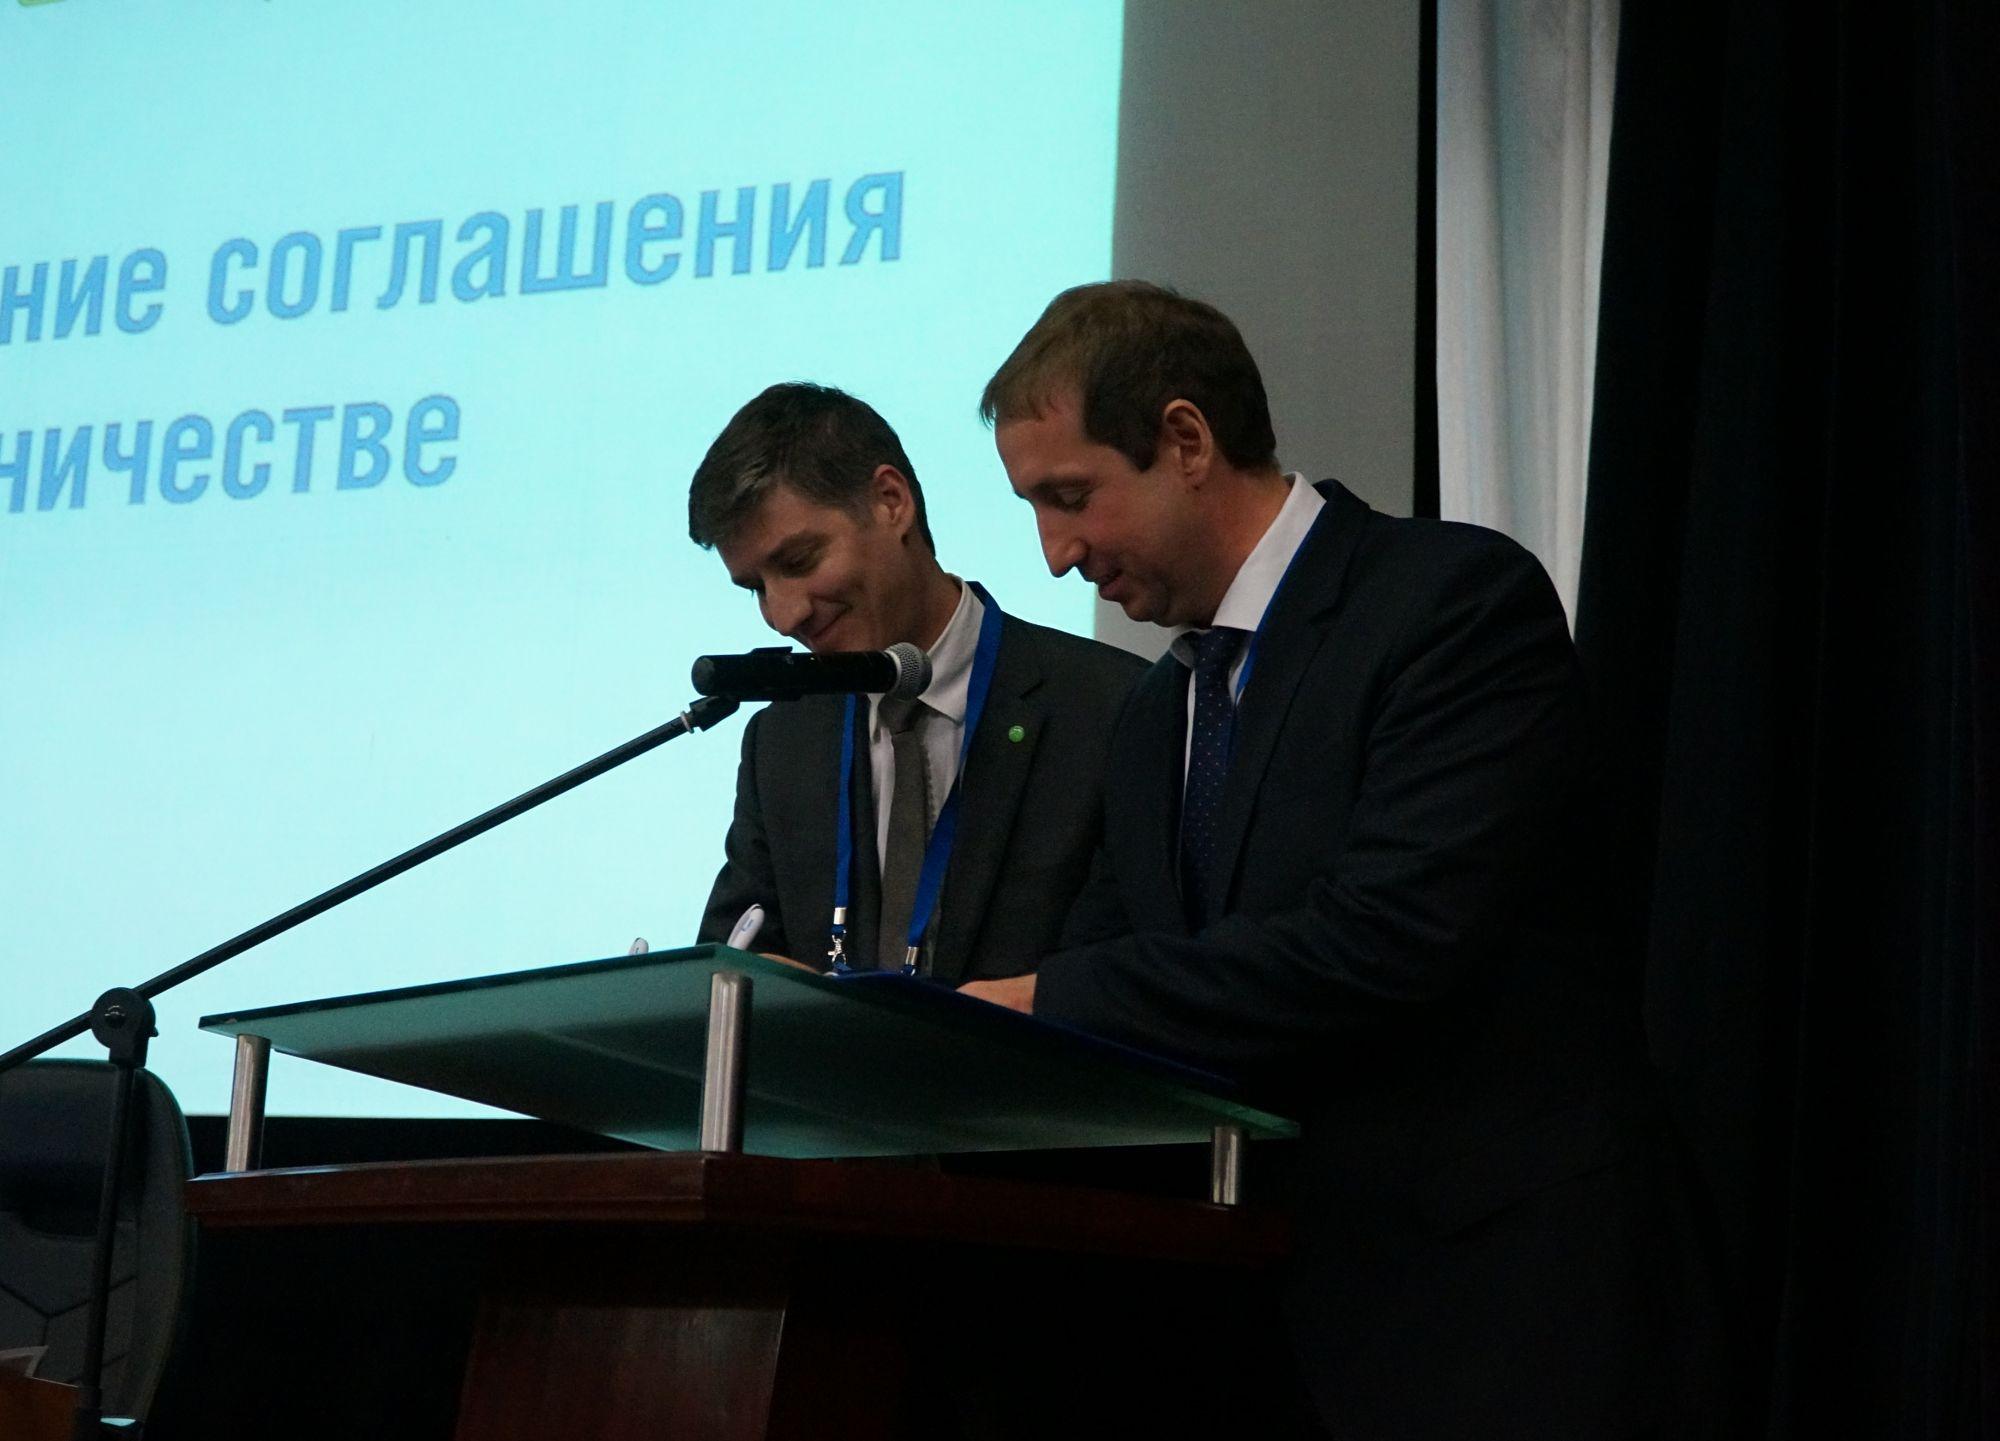 ООО «Газпром геологоразведка» и Университет Иннополис подписали соглашение о сотрудничестве